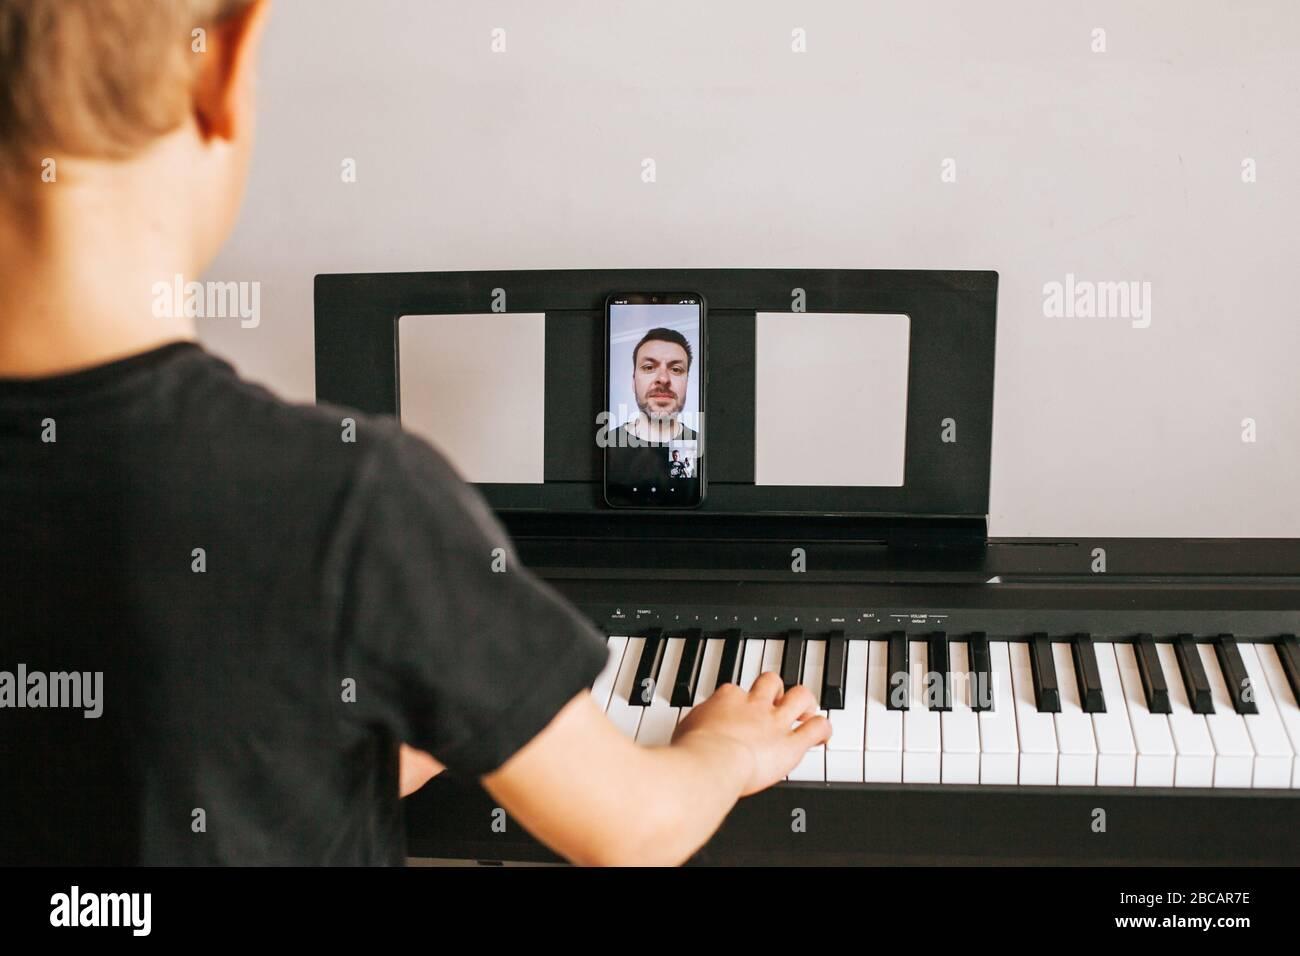 Manos de niño tocando piano.Cllose-up piano, blanco y negro teclado Foto de stock